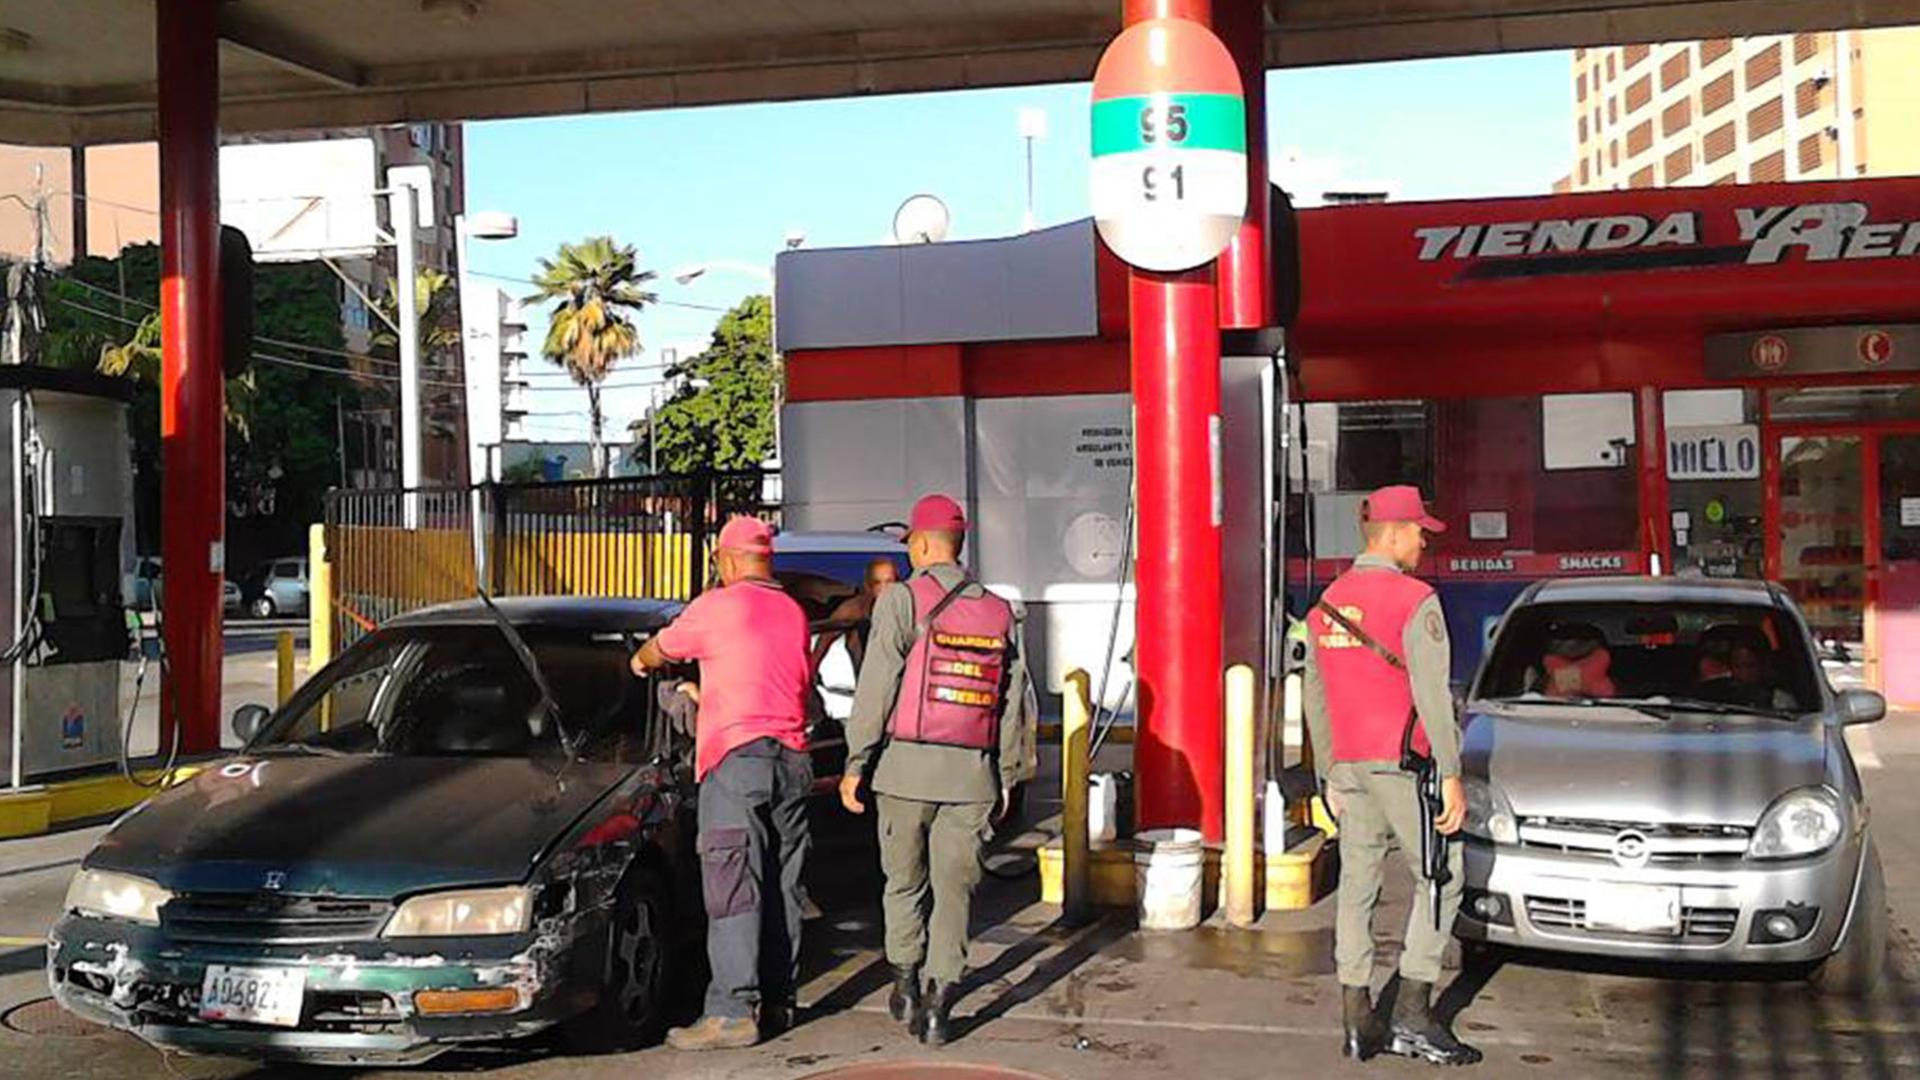 Gobierno interino: Importación de gasolina de Irán demuestra que sanciones no son culpables de la crisis